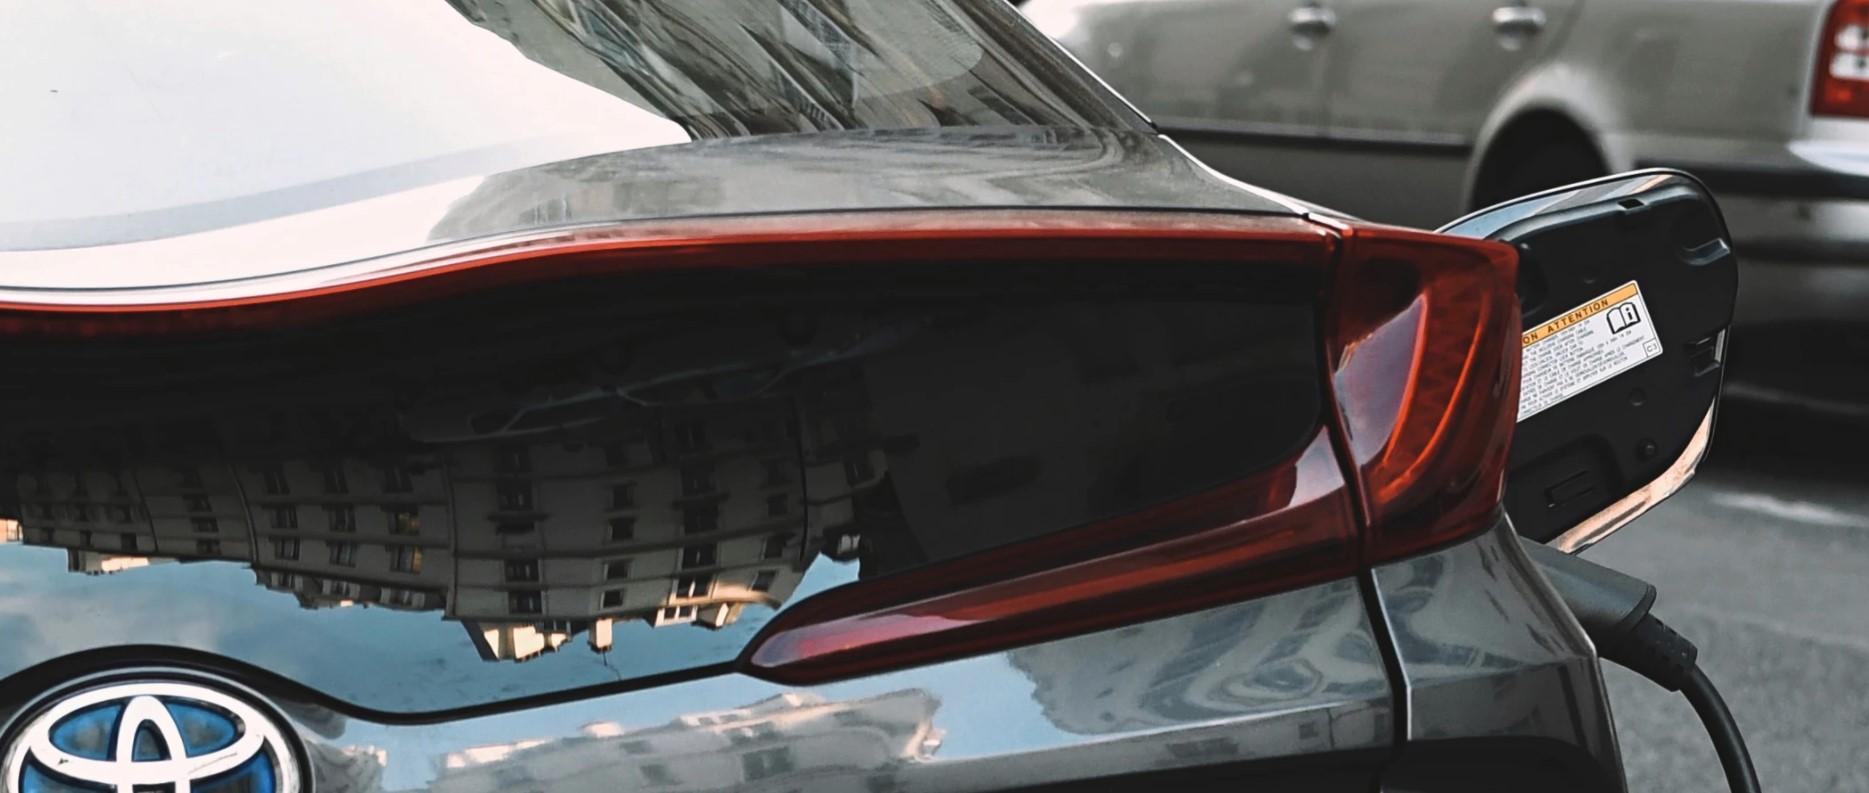 Montaż stacji ładowania samochodów elektrycznych